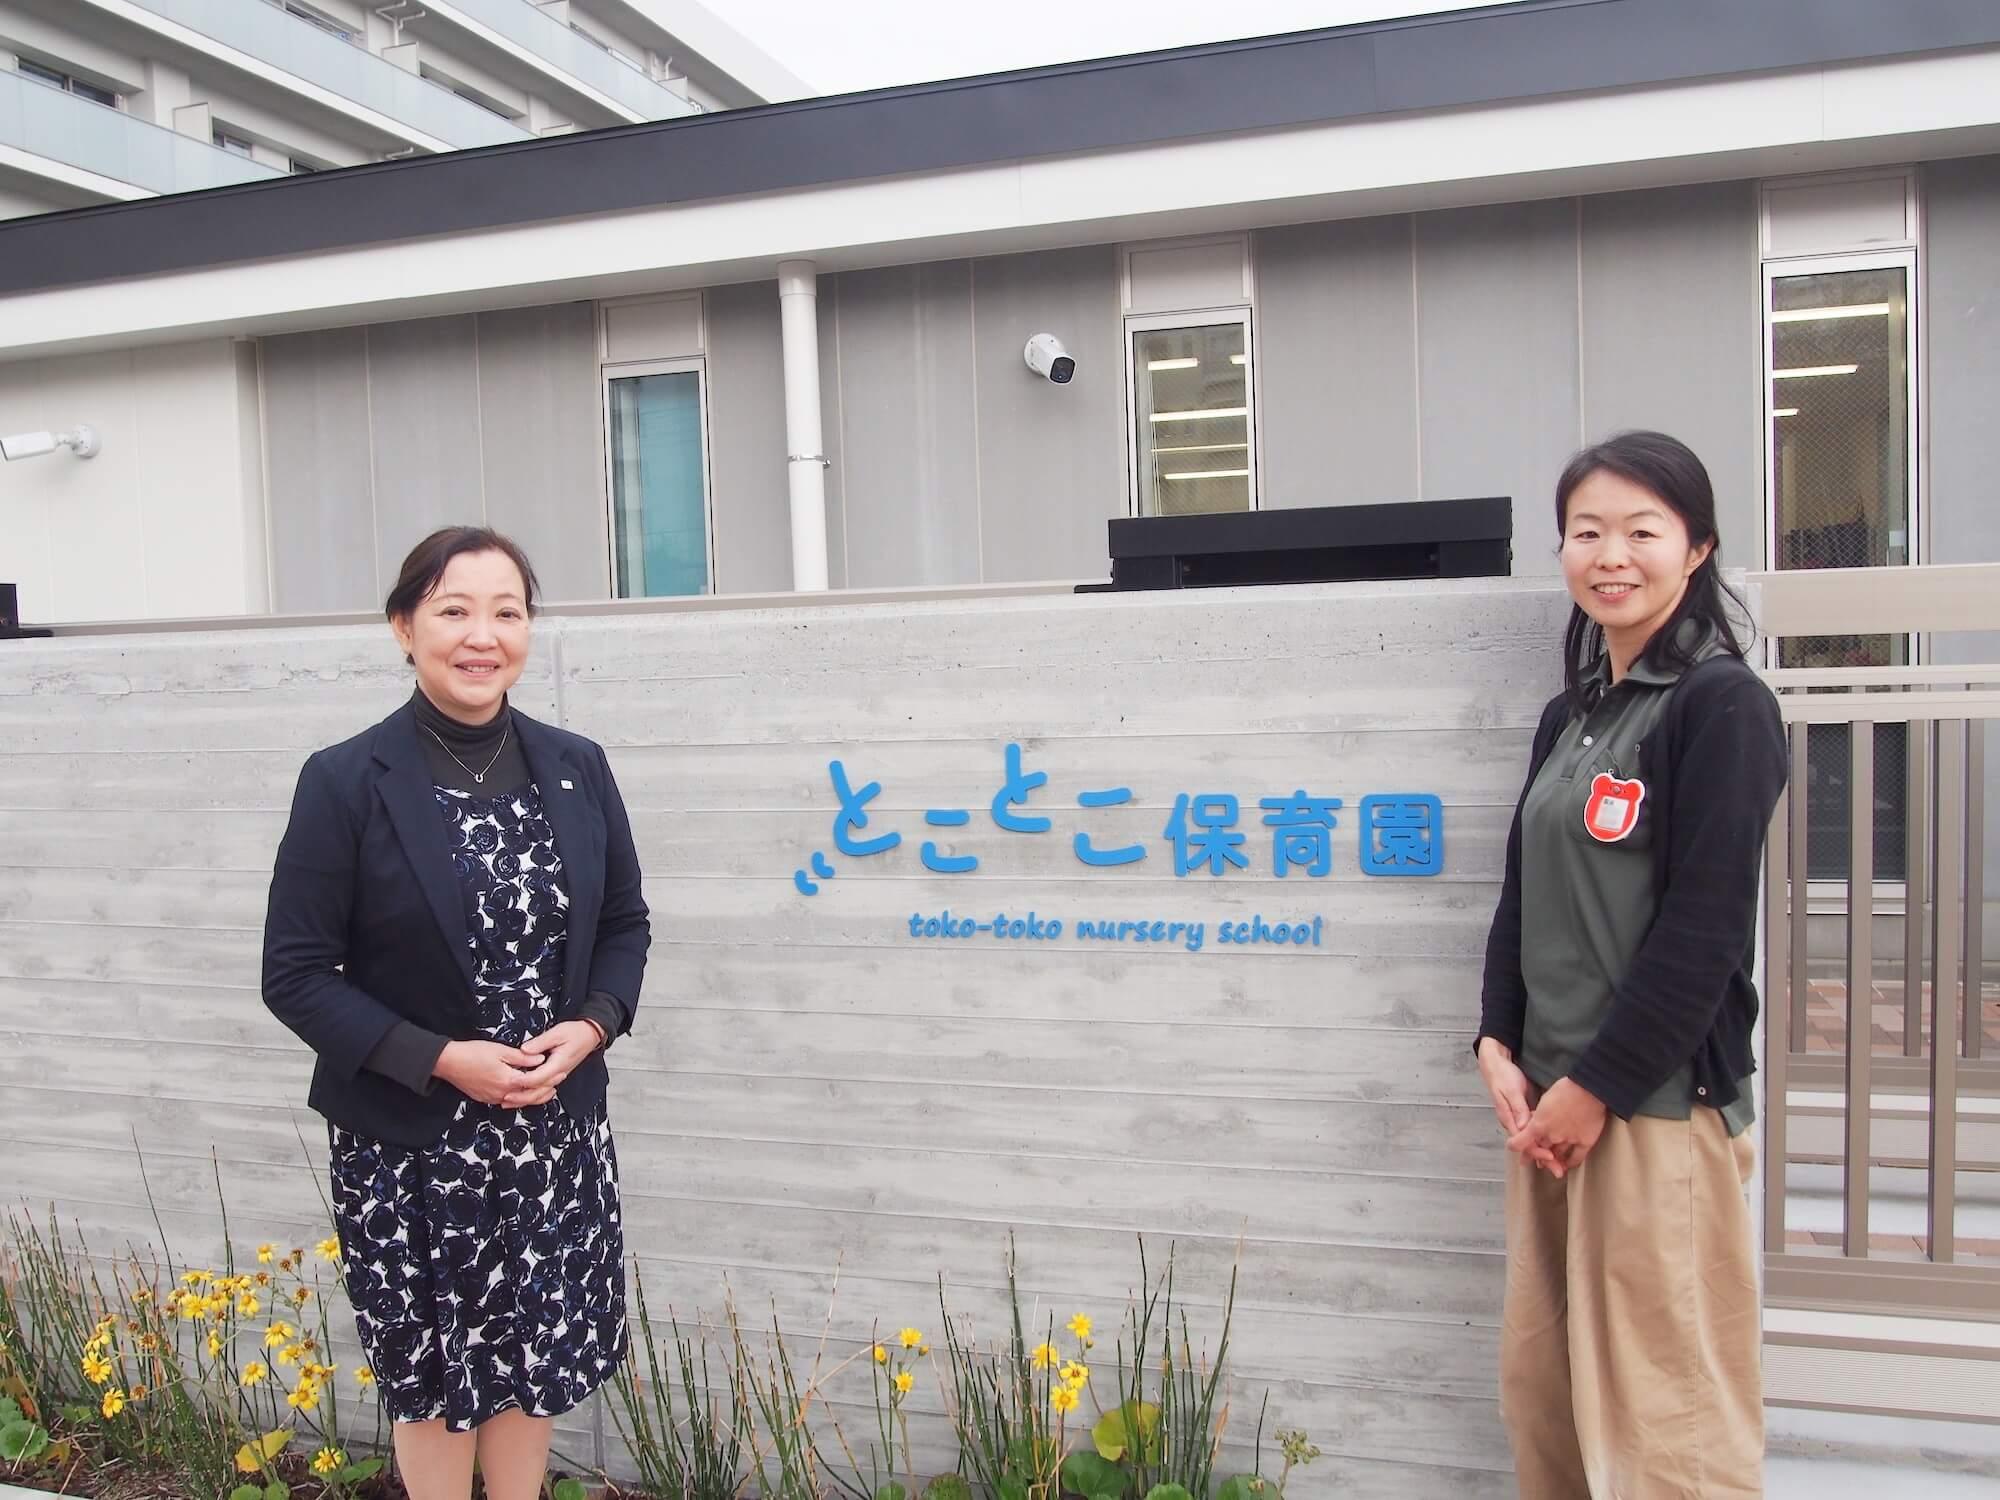 桜井さん(左)と宍戸園長(右)